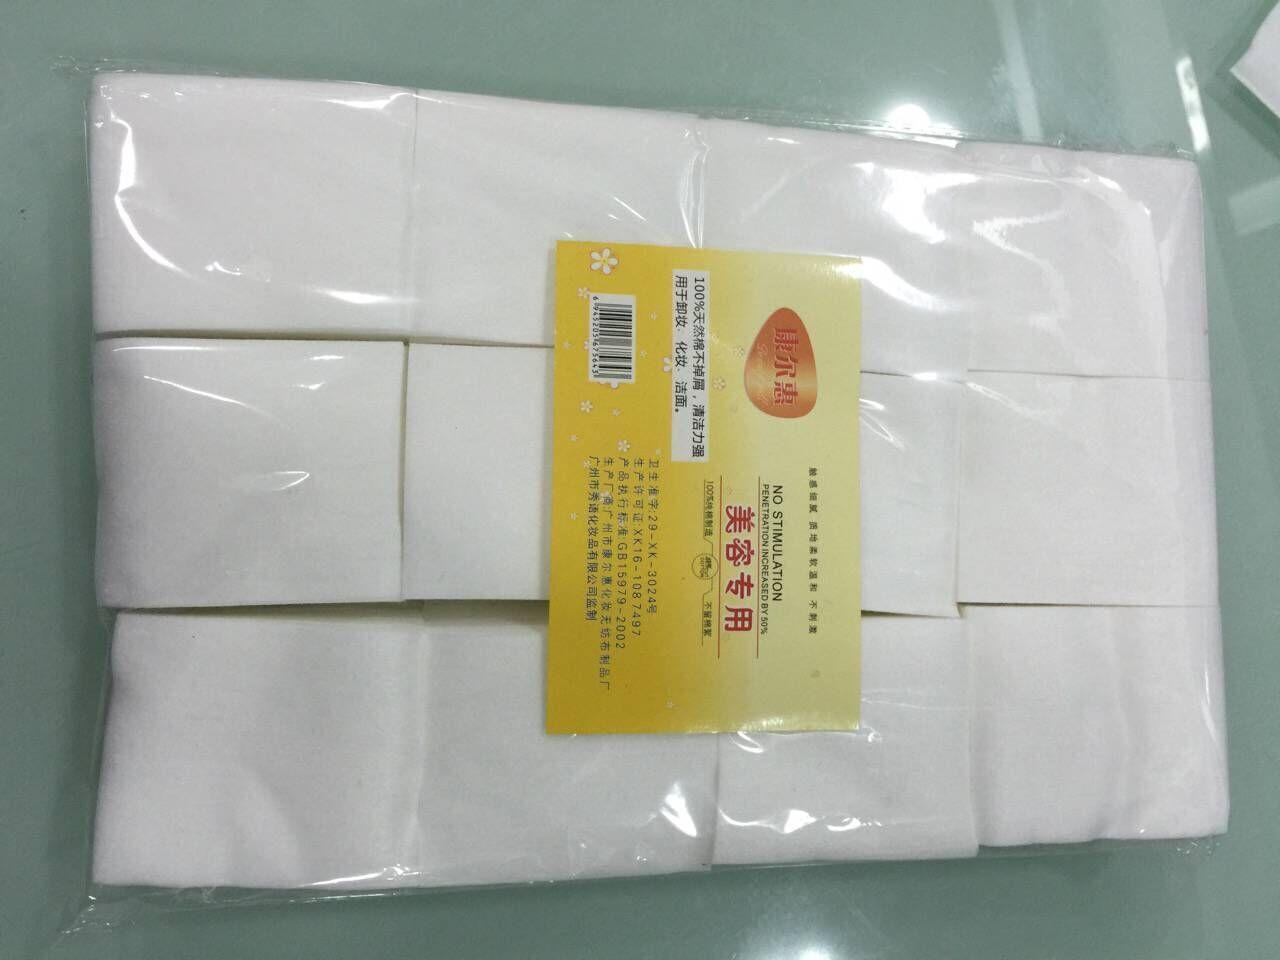 H-322  1200片化妆棉超薄卸妆棉化妆棉 卸妆棉大包化妆棉美容美甲专用一次性